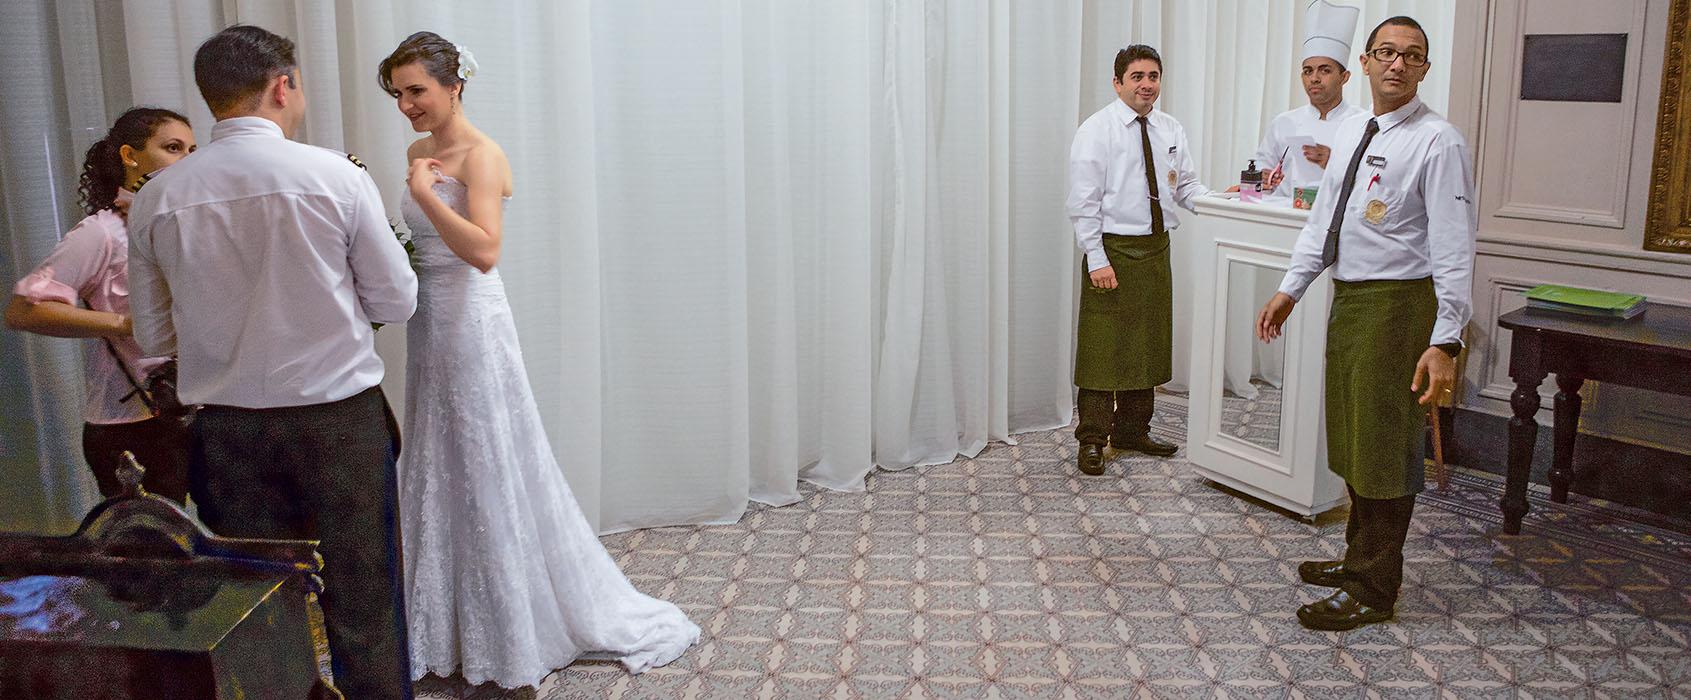 mvg_Rio_#37_wedding